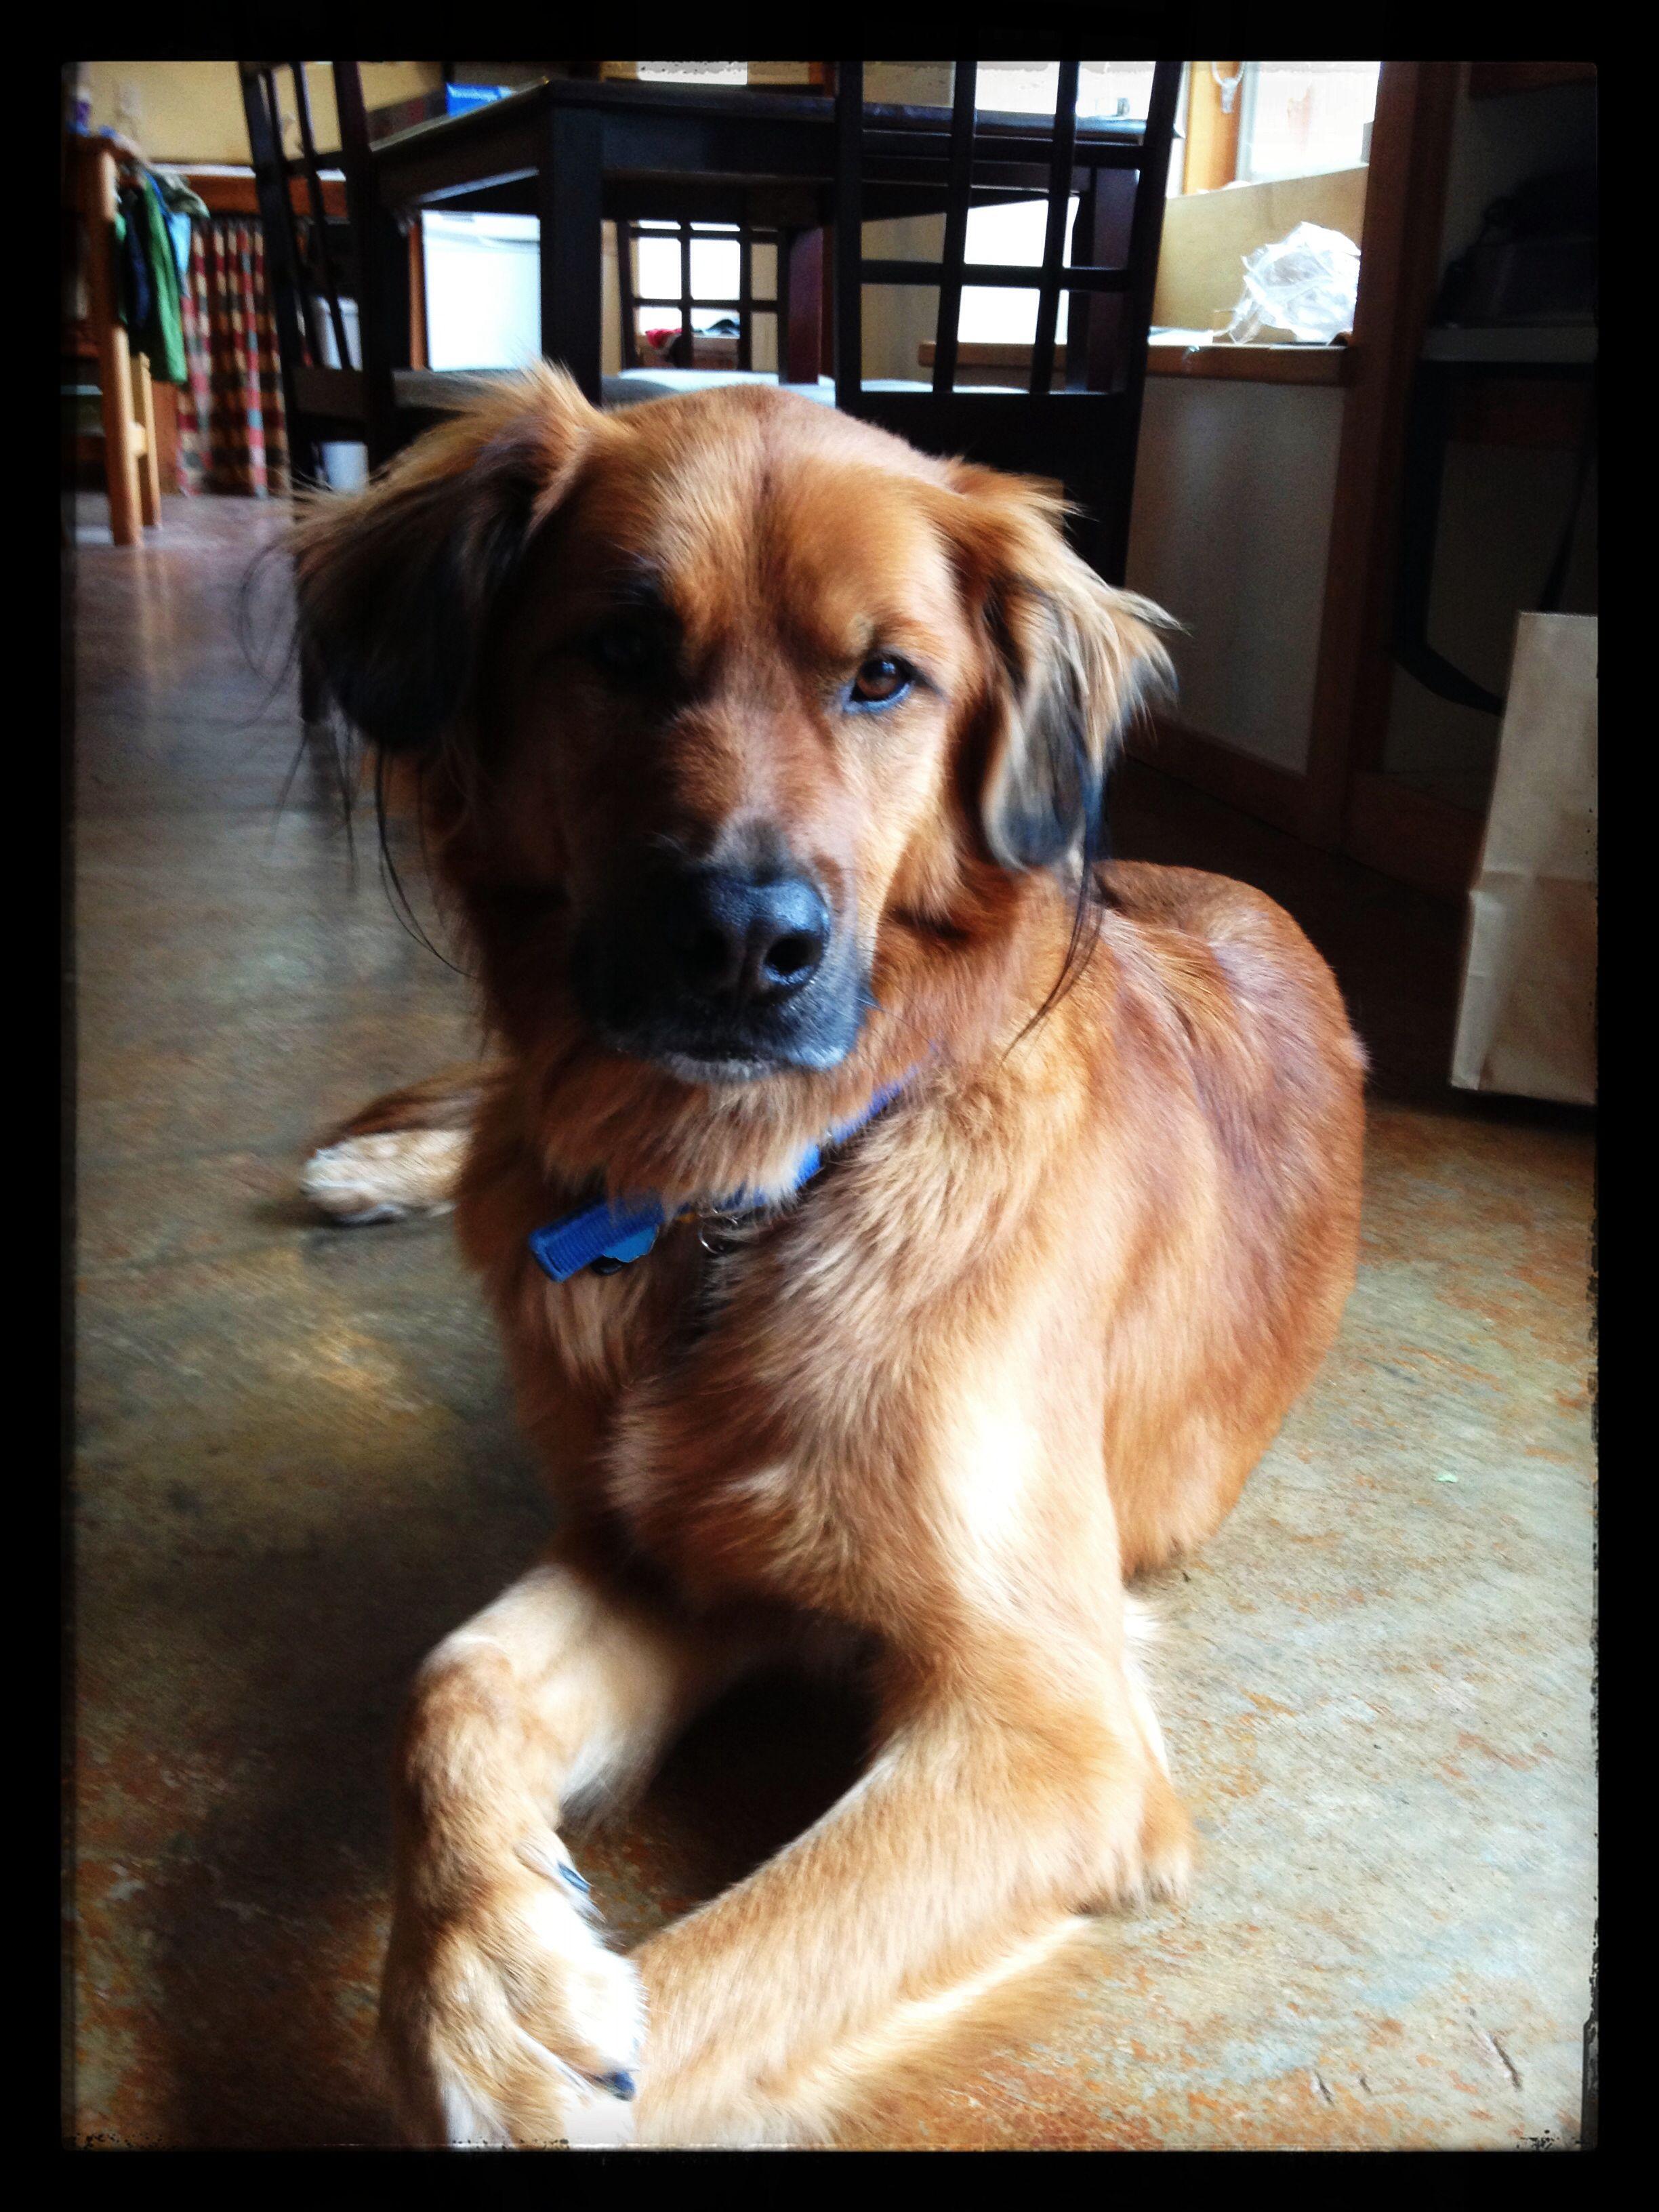 German shepherd/ golden retriever mix Dogs, Golden